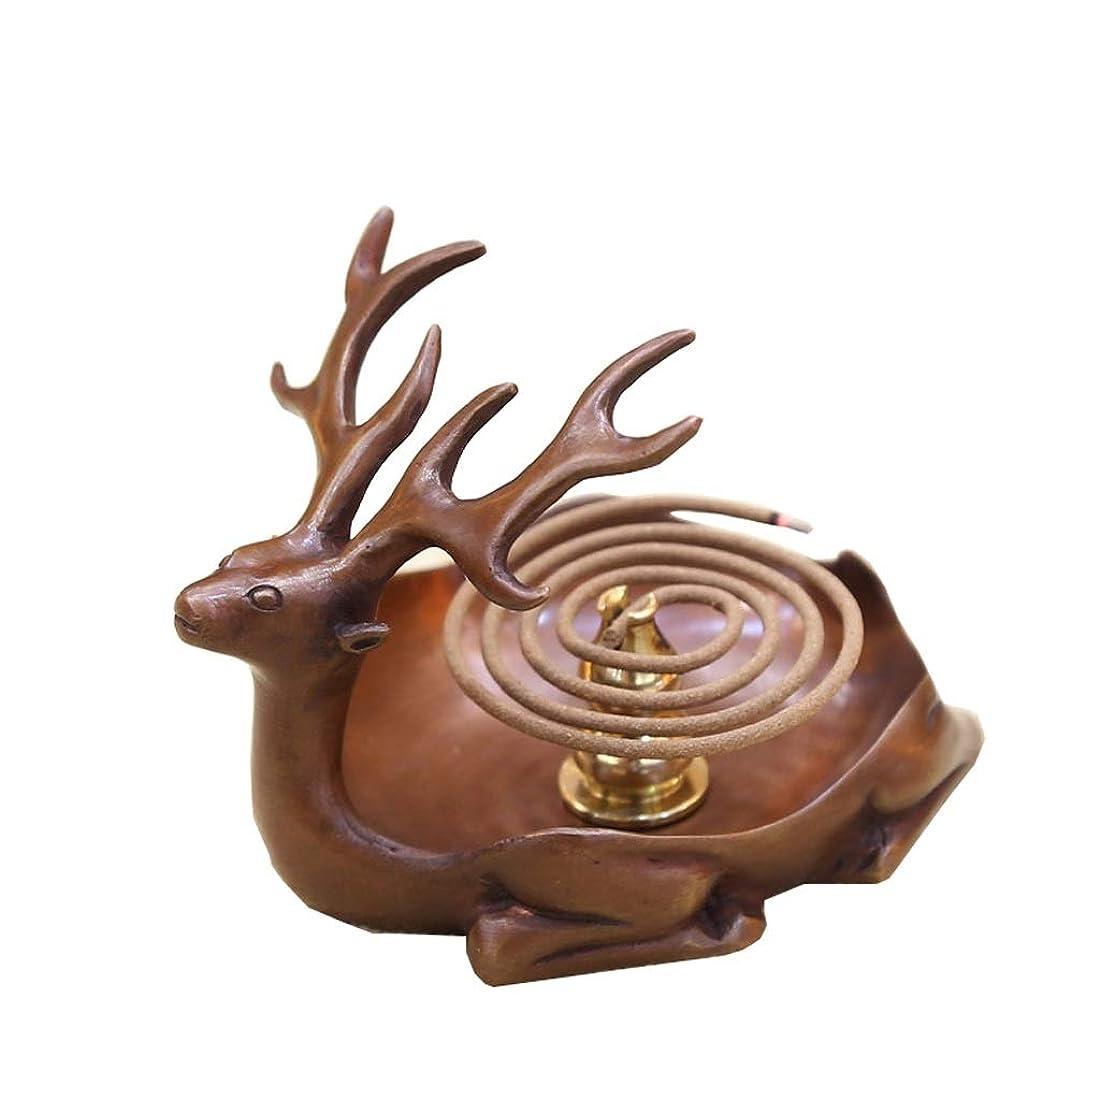 王族検出容赦ないホームアロマバーナー 純粋な銅アンティーク子鹿香バーナーホーム屋内香ビャクダン茶セレモニー香バーナー装飾 アロマバーナー (Color : Brown)